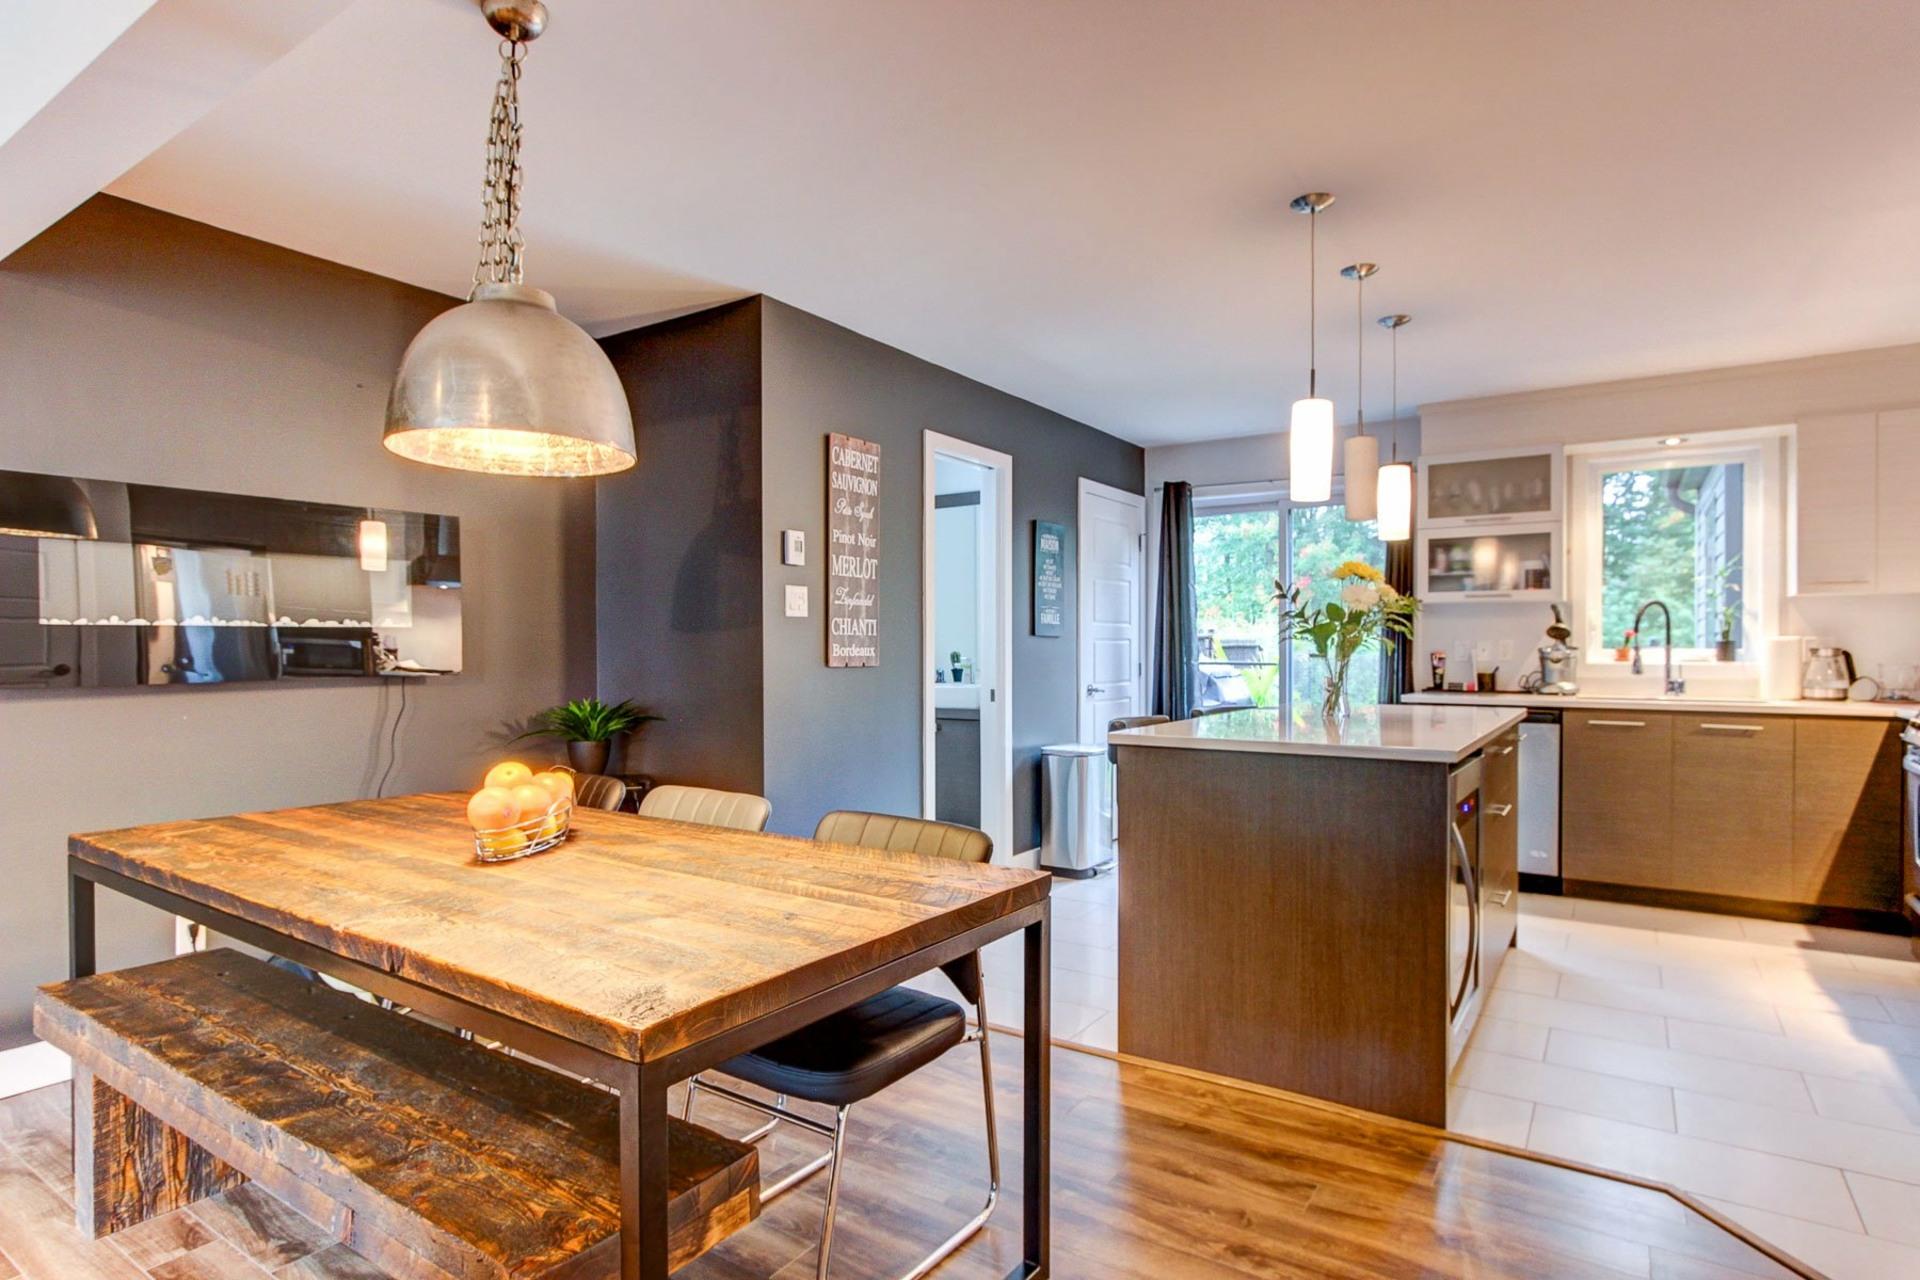 image 7 - Appartement À vendre Trois-Rivières - 7 pièces